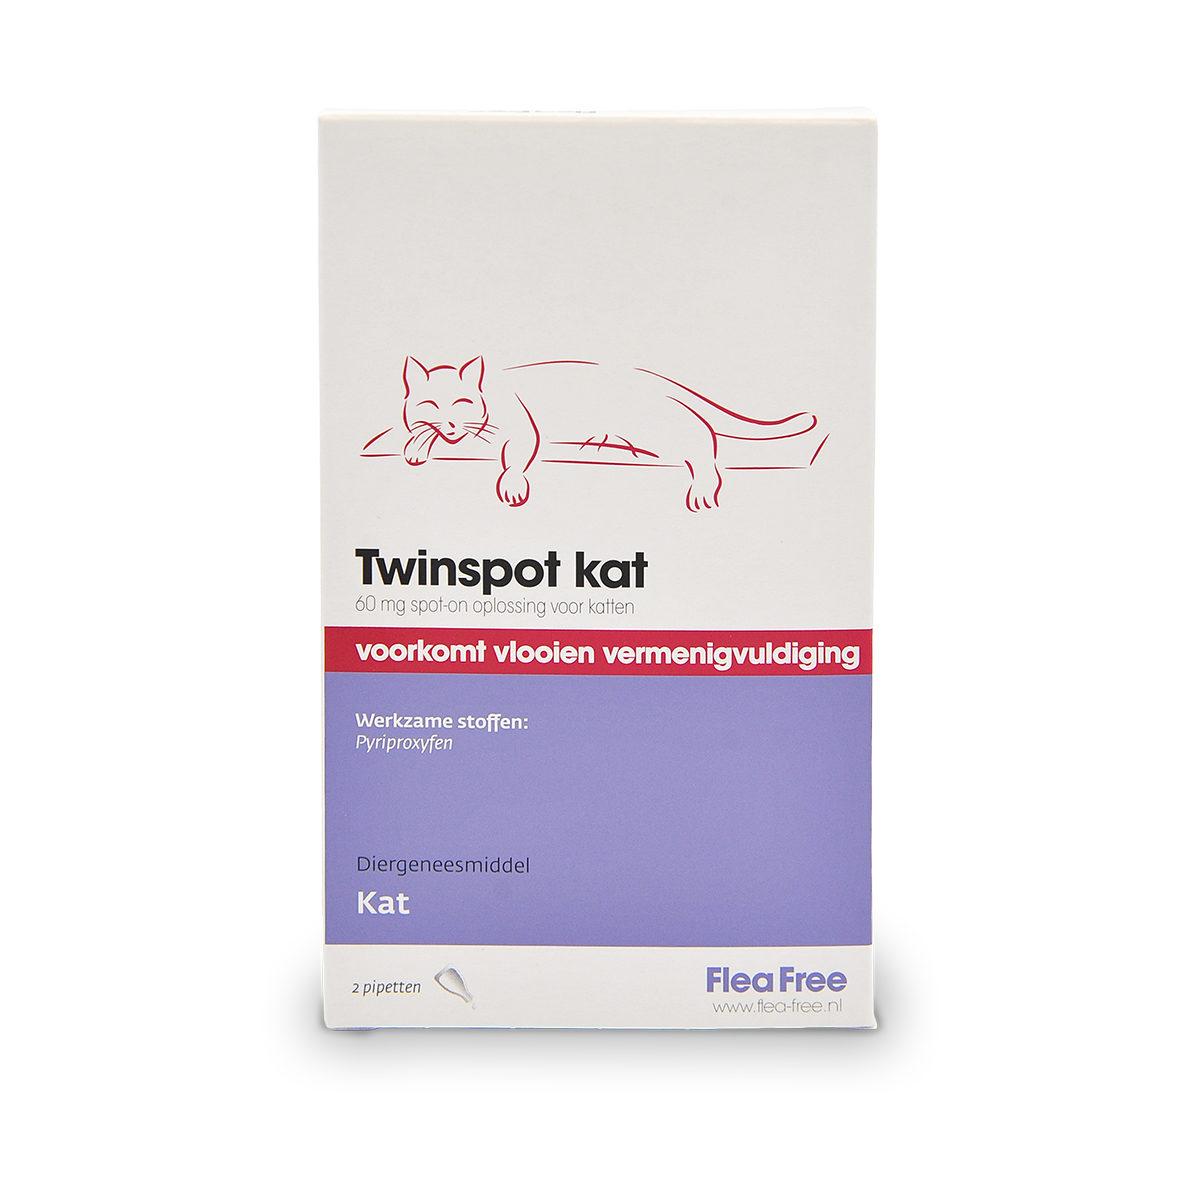 Flea Free Twinspot Kat 2 Pipetten